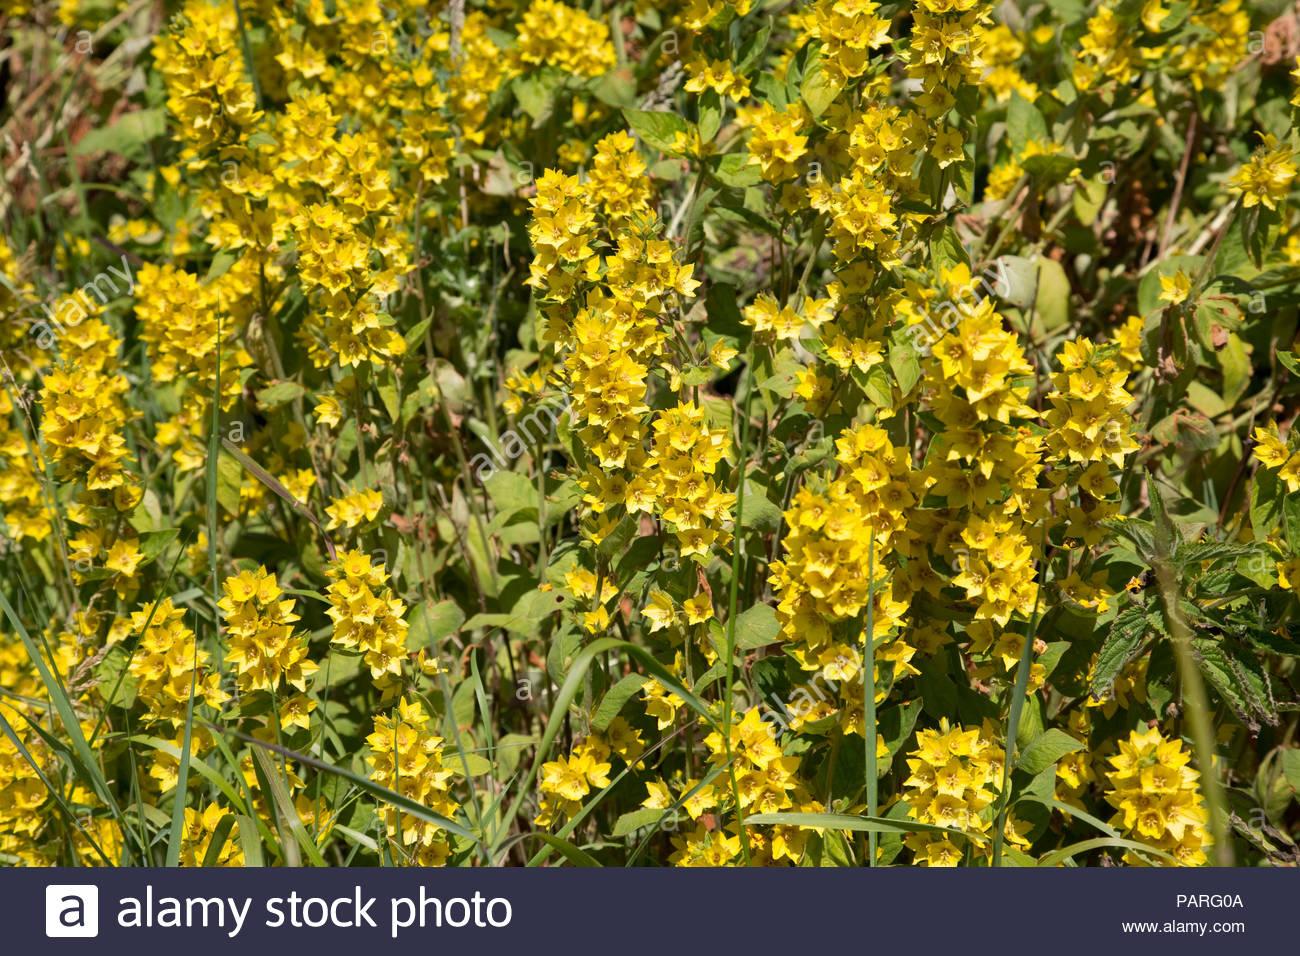 Yellow loosestrife flowers by roadside stock photo 213188426 alamy yellow loosestrife flowers by roadside mightylinksfo